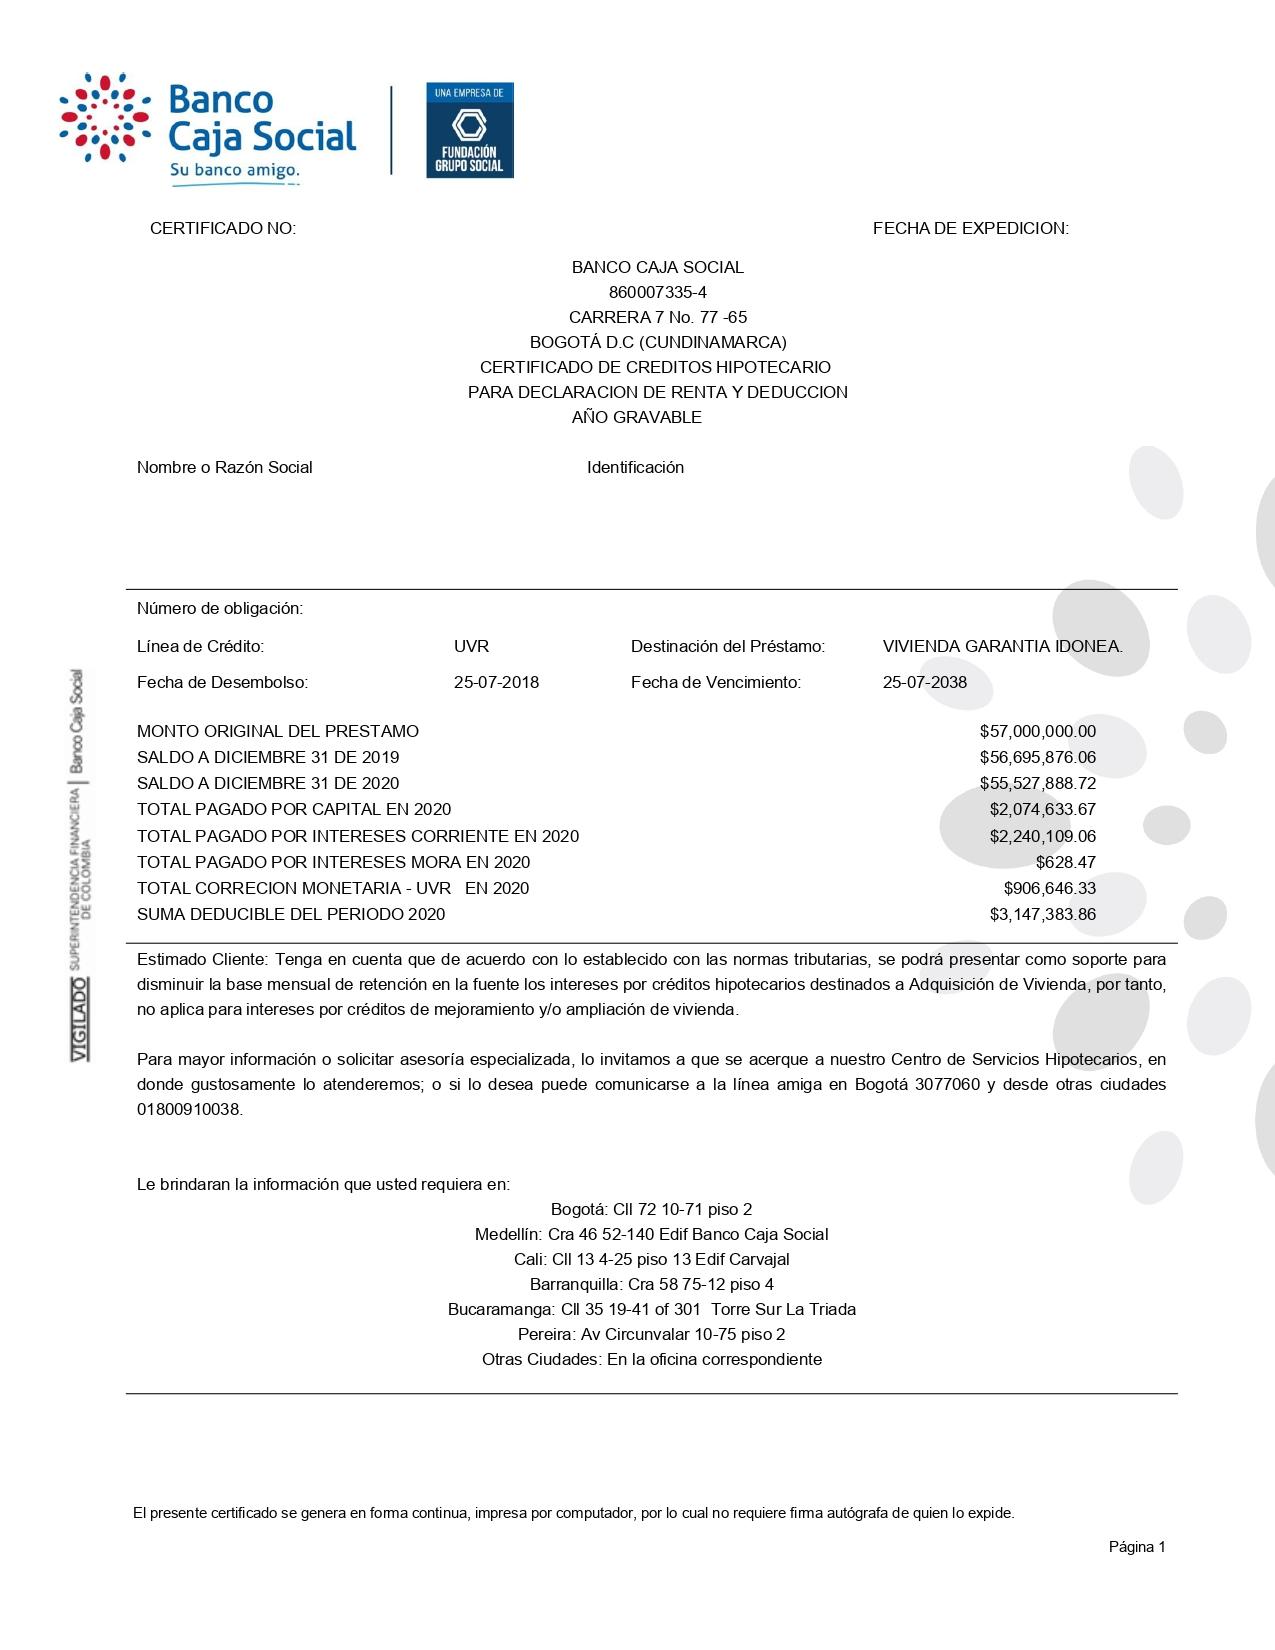 Certificado Crédito Hipotecario Banco Caja Social